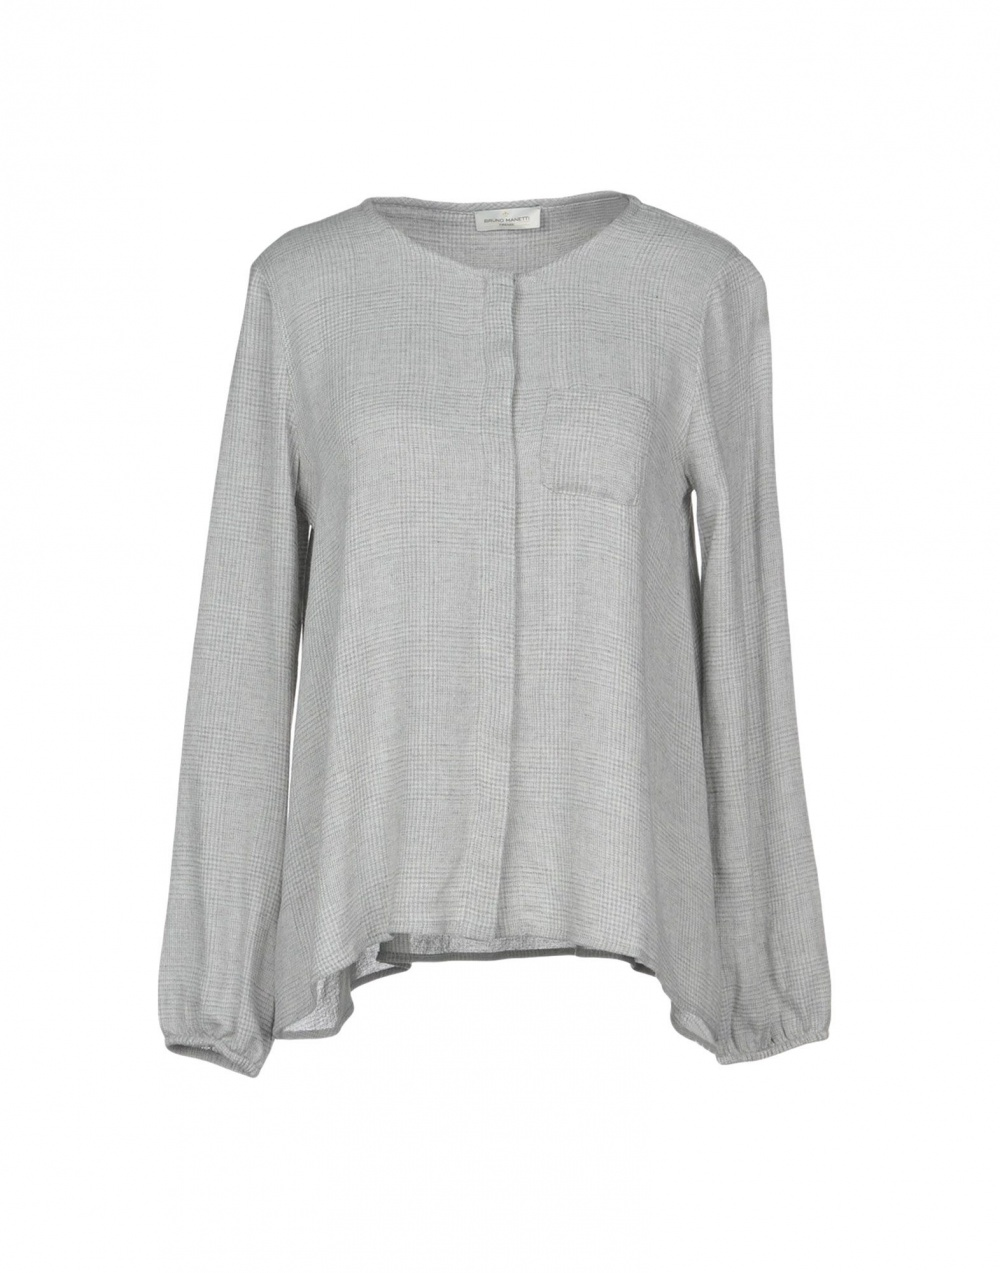 Рубашка BRUNO MANETTI, 44IT